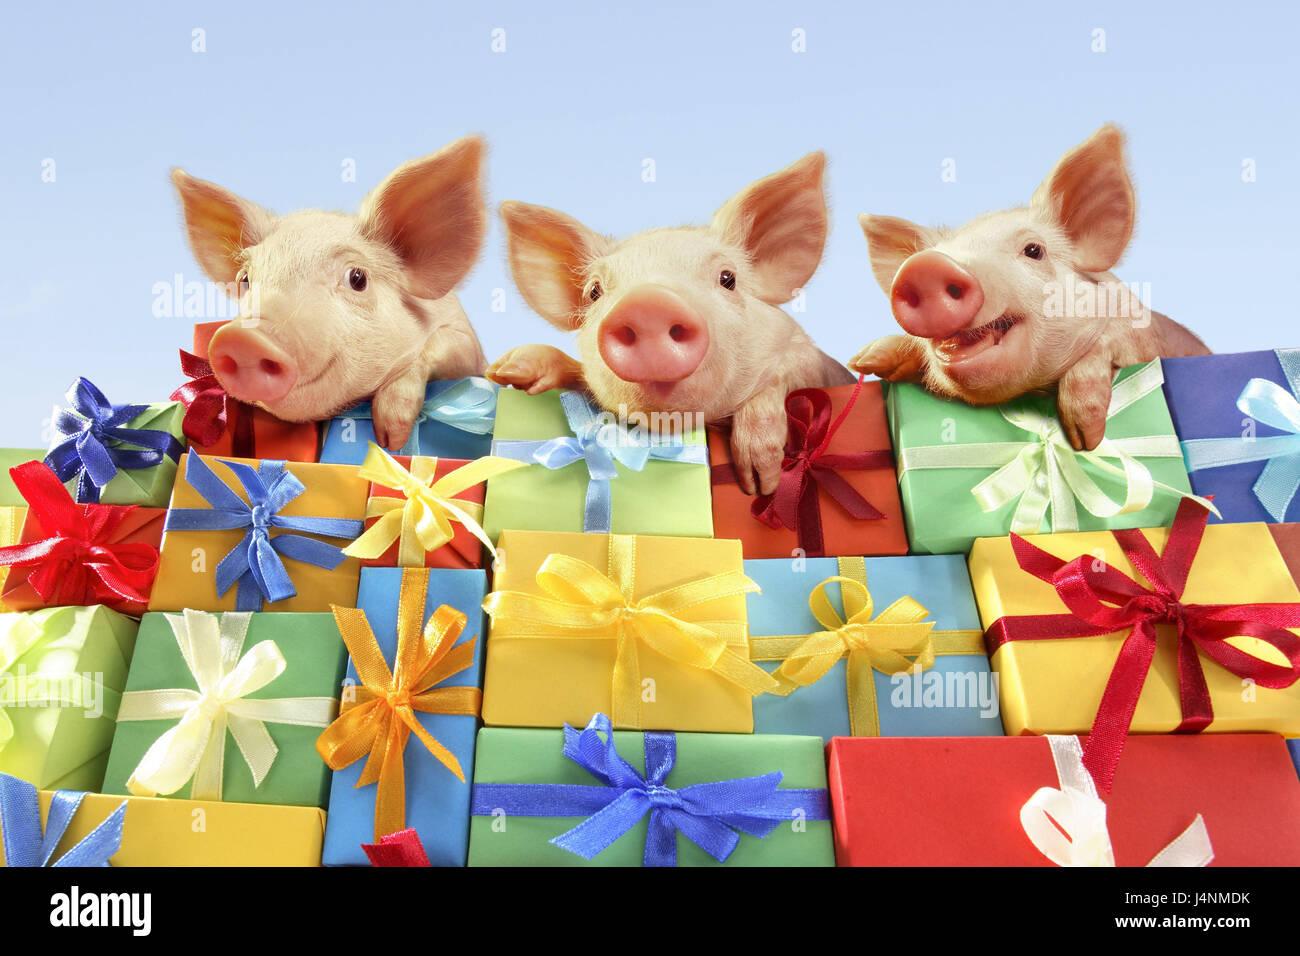 Weihnachtsgeschenke Witzig.Geschenk Berg Ferkel Drei Porträt Weihnachten Valentinstag